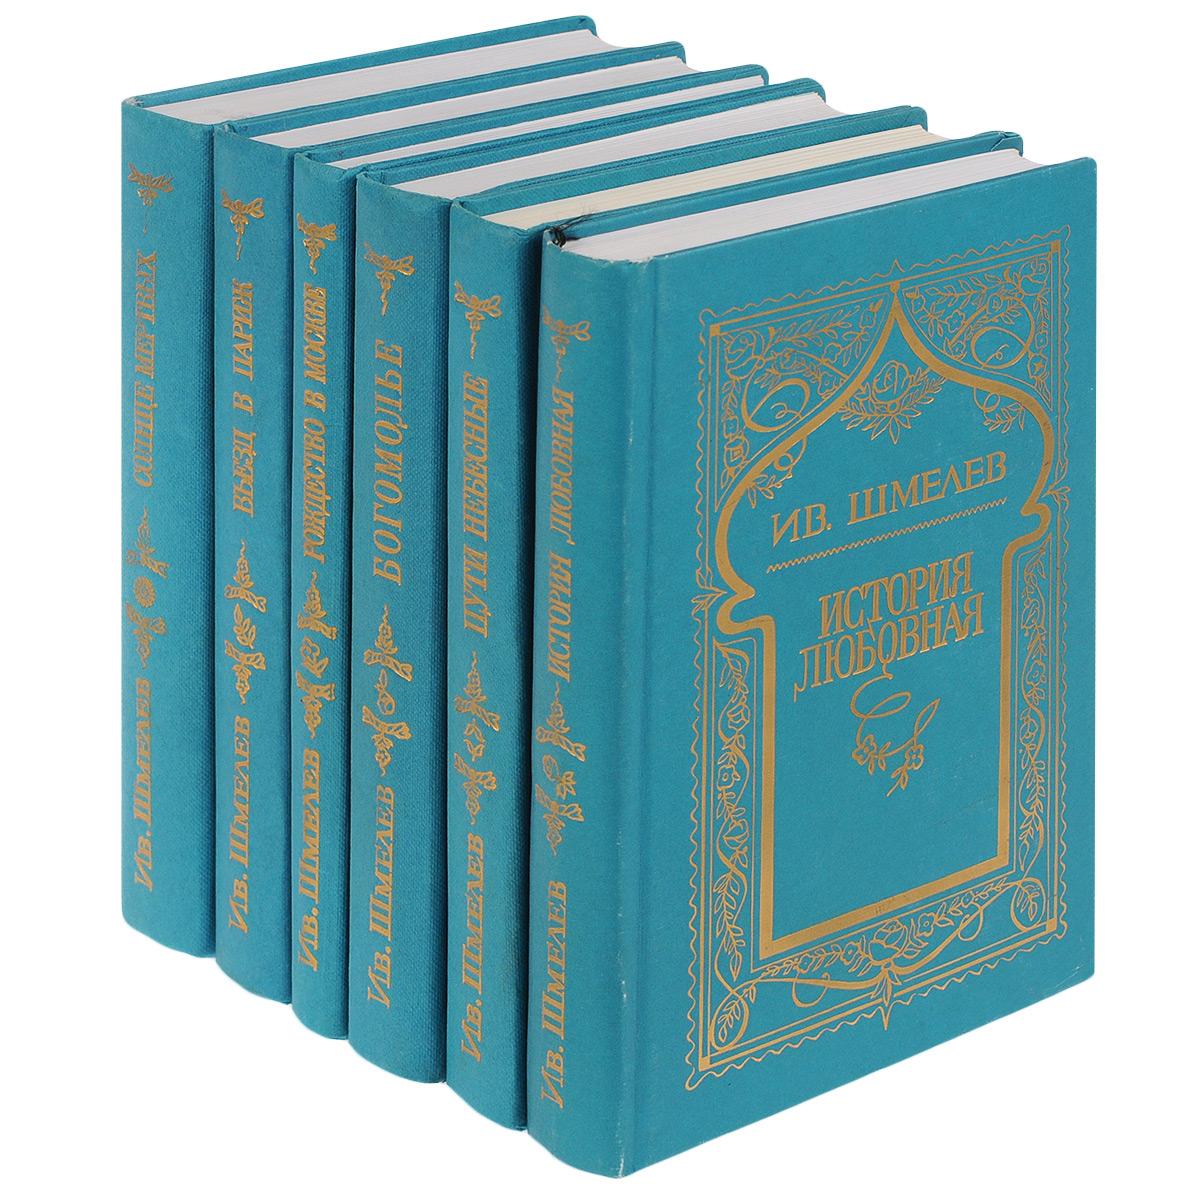 Ив. Шмелев Ив. Шмелев. Собрание сочинений в 5 томах + дополнительный том (комплект из 6 книг)